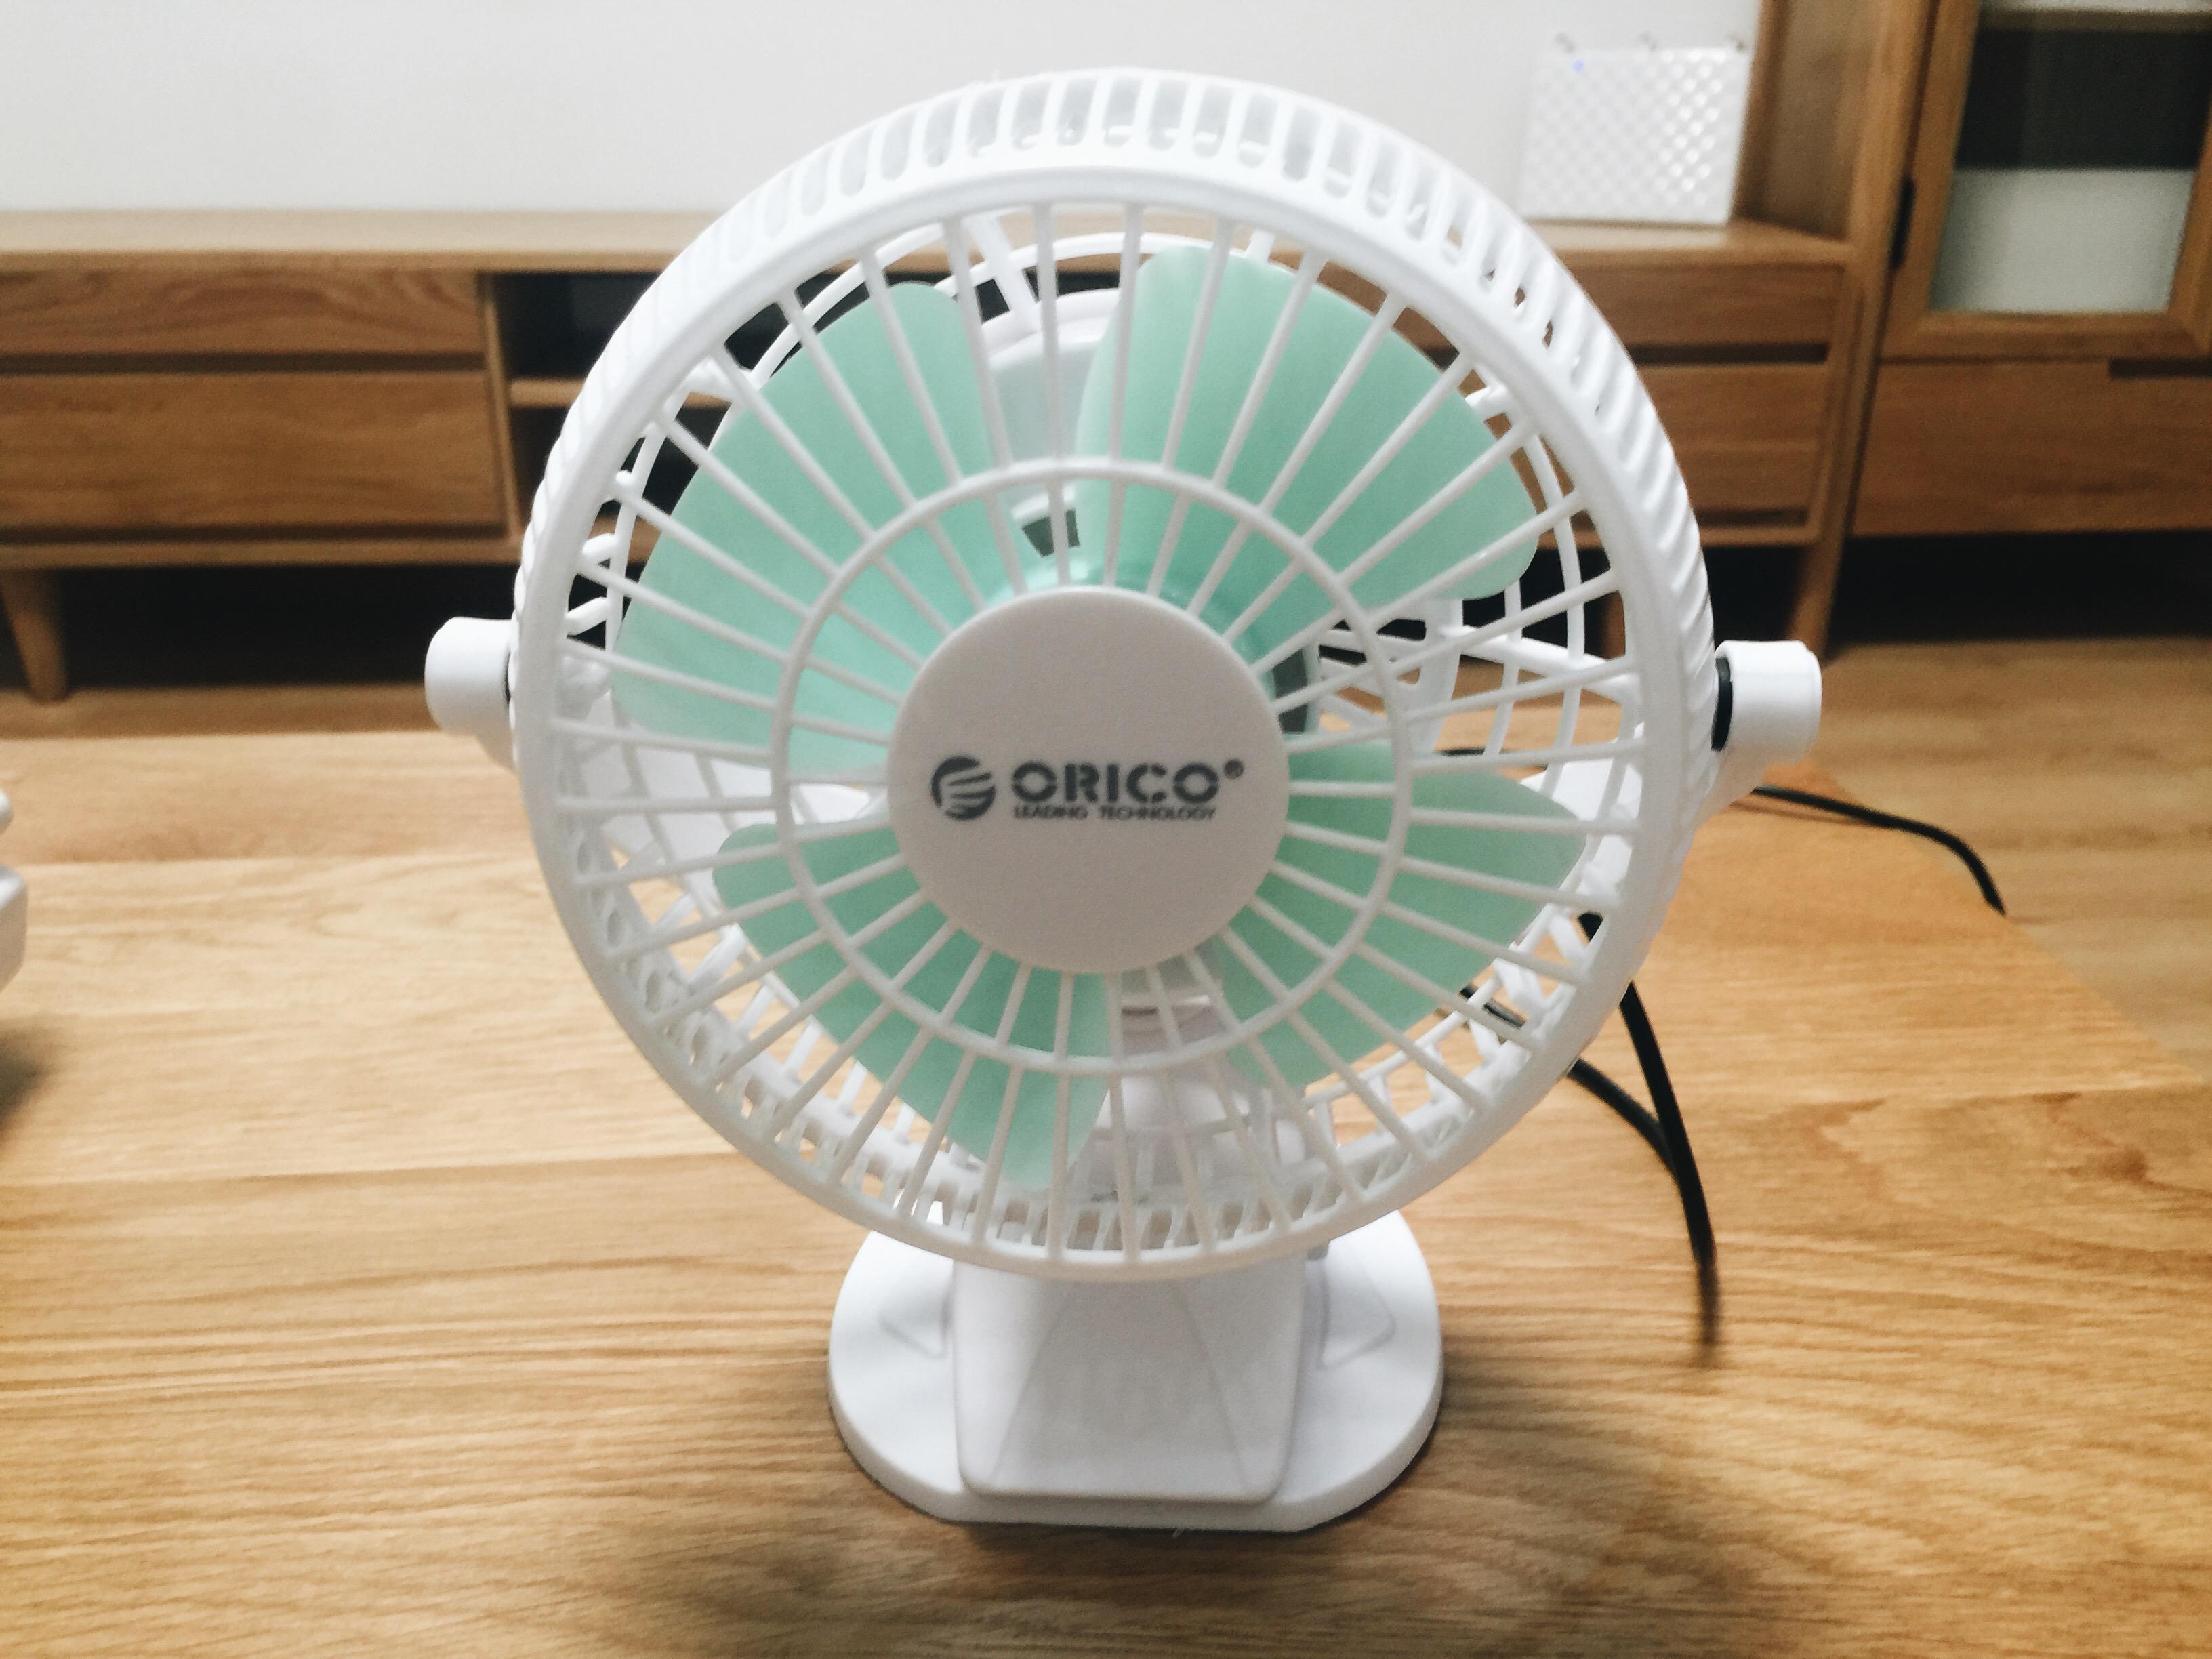 orico usb电风扇的设计很简单的,外框是白色塑料,扇叶是绿色的.图片